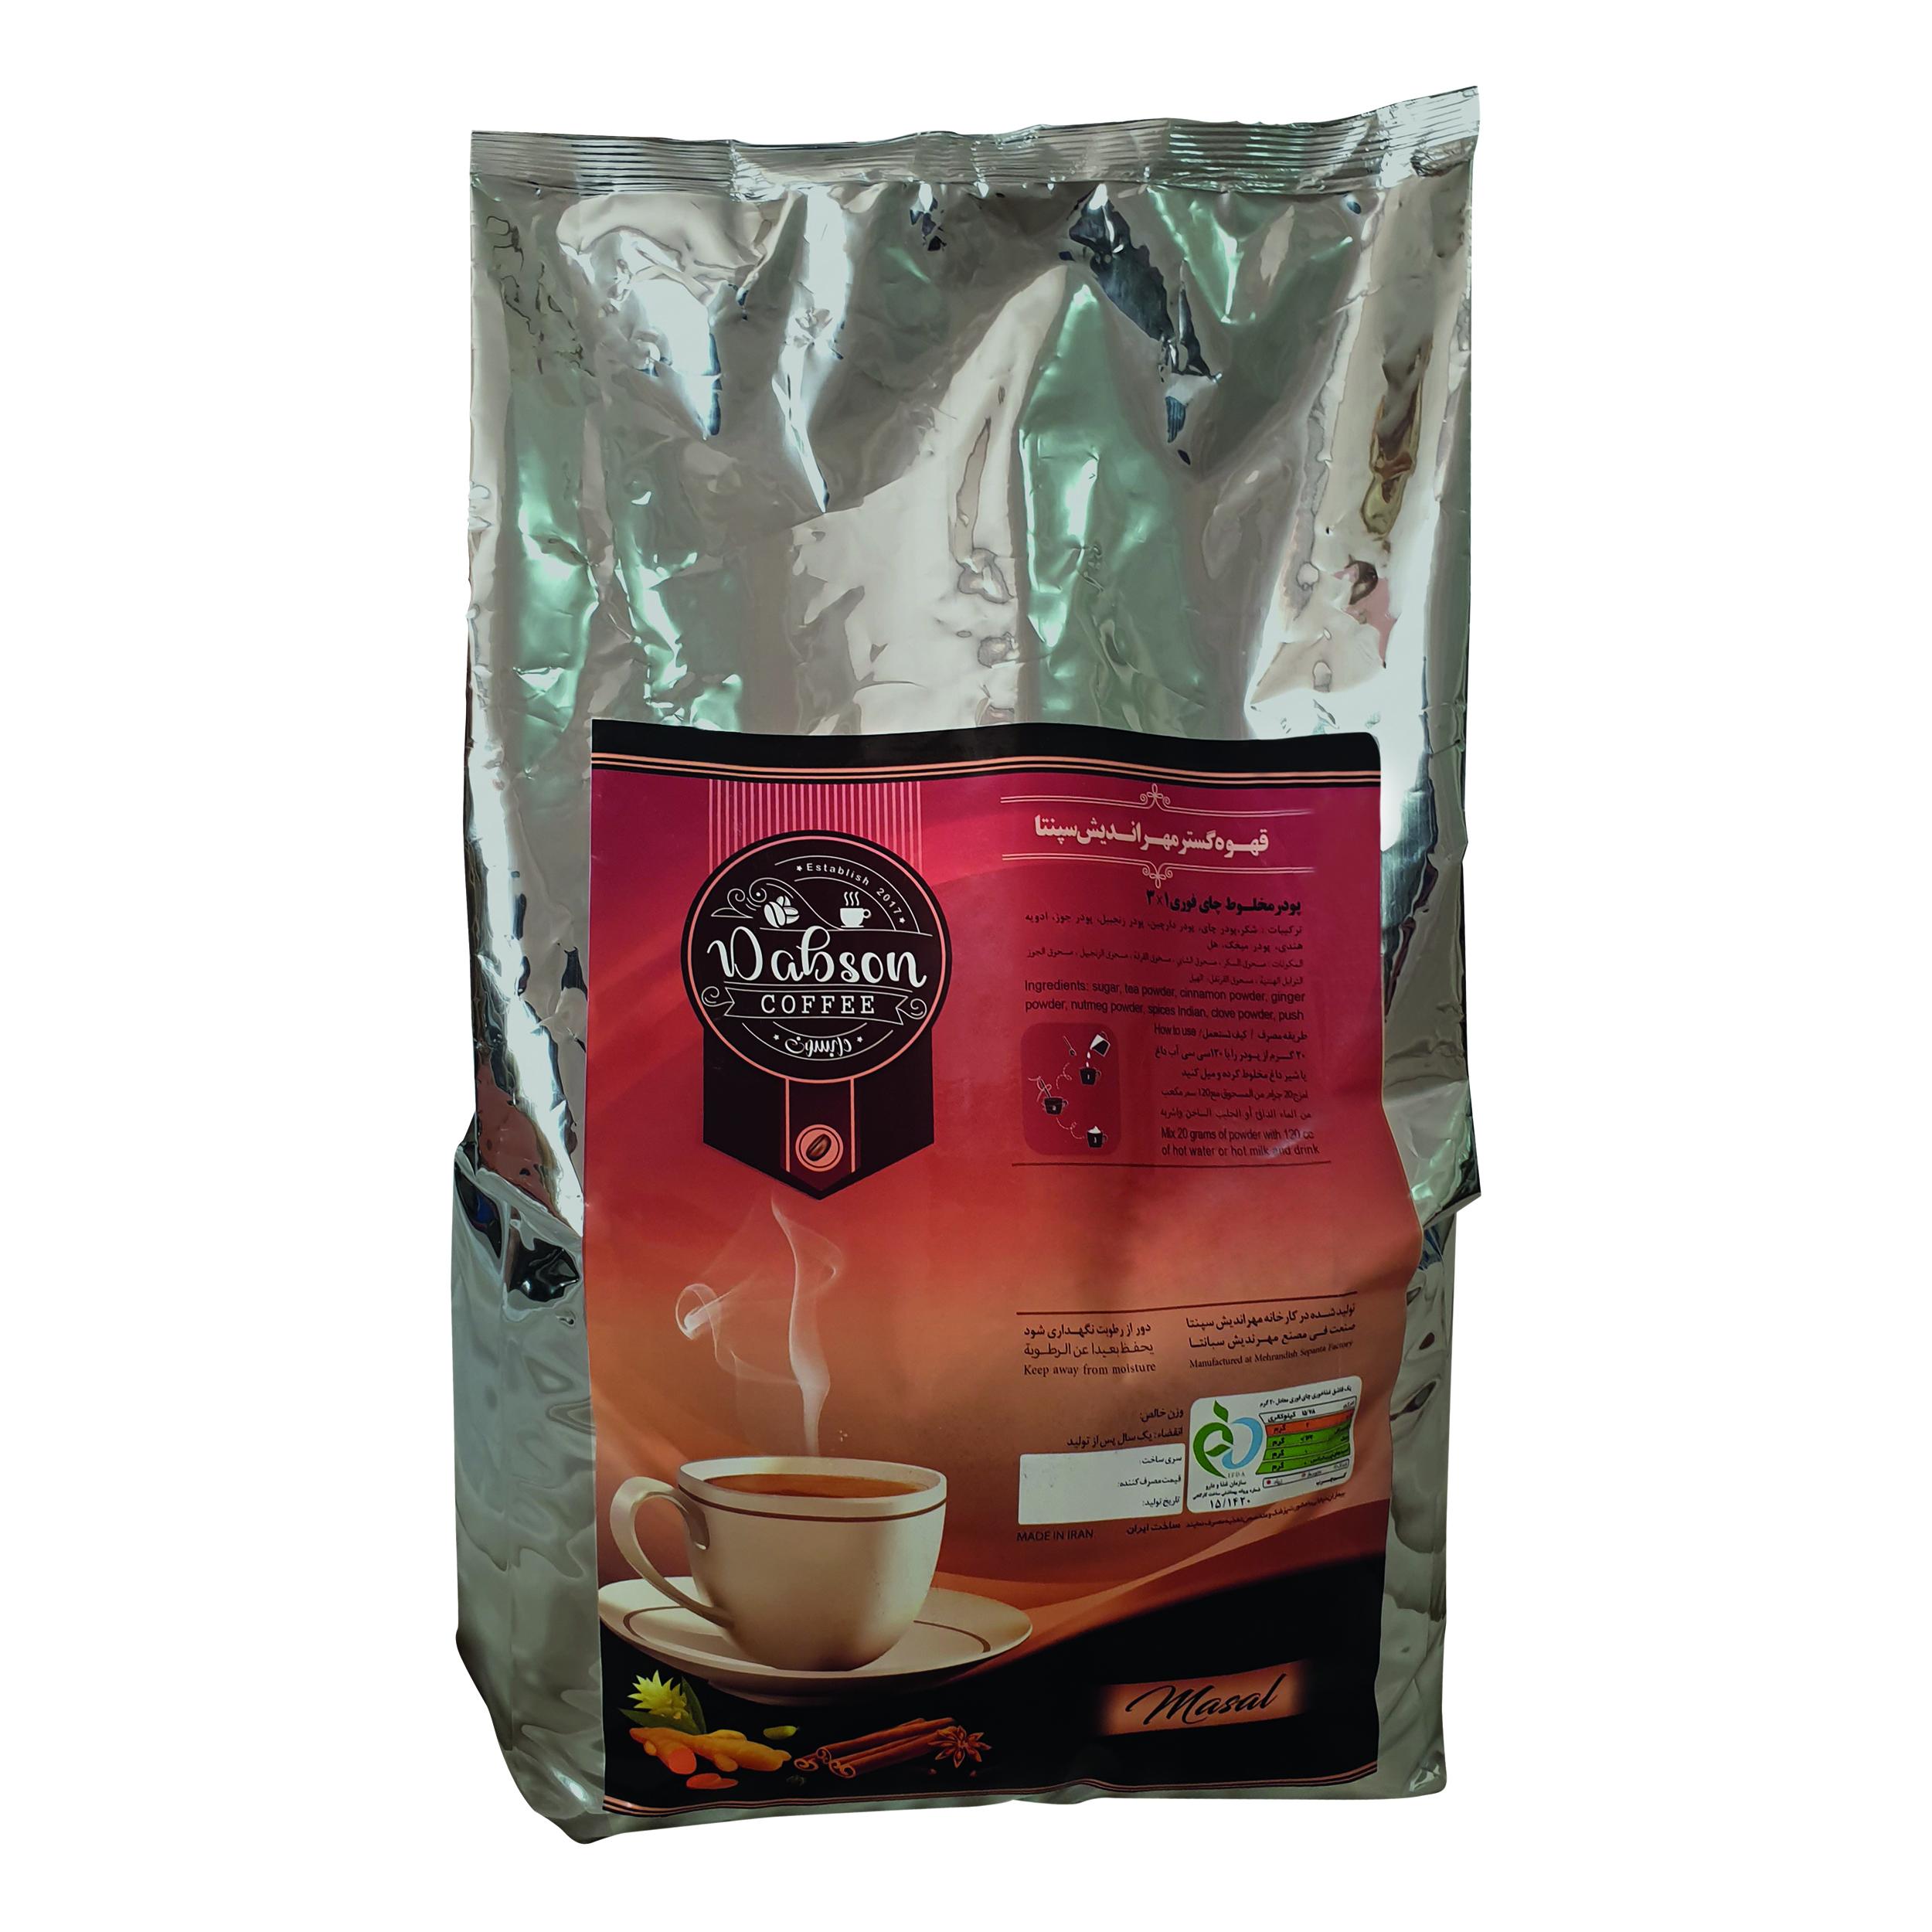 پودر مخلوط چای فوری 3x1 دابسون - 7000 گرم